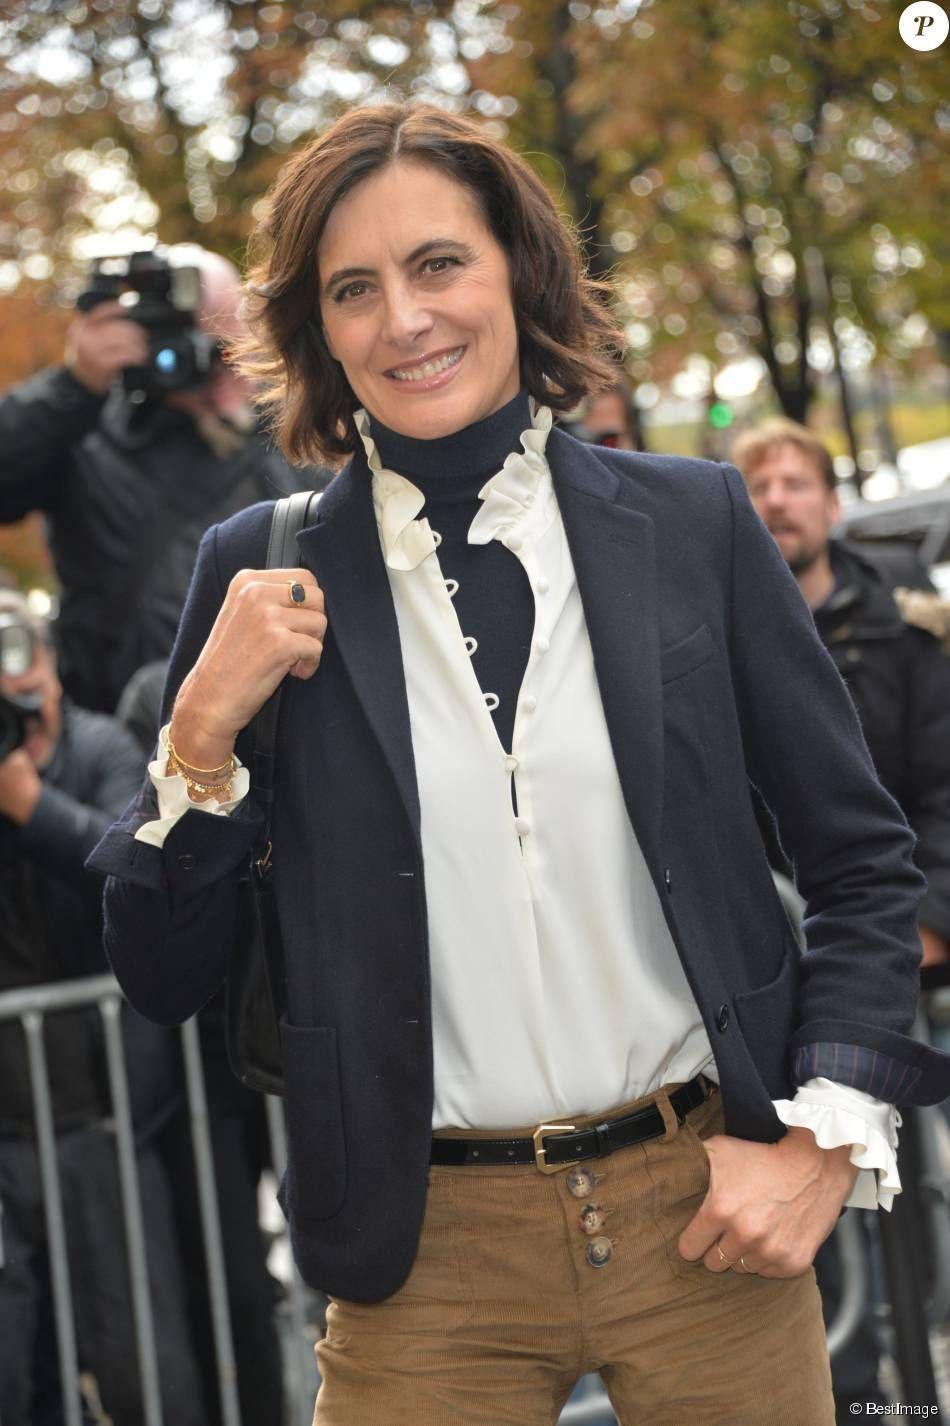 9785c5cf0b919 PHOTOS - Inès de la Fressange - Arrivées au défilé de mode Chanel ...